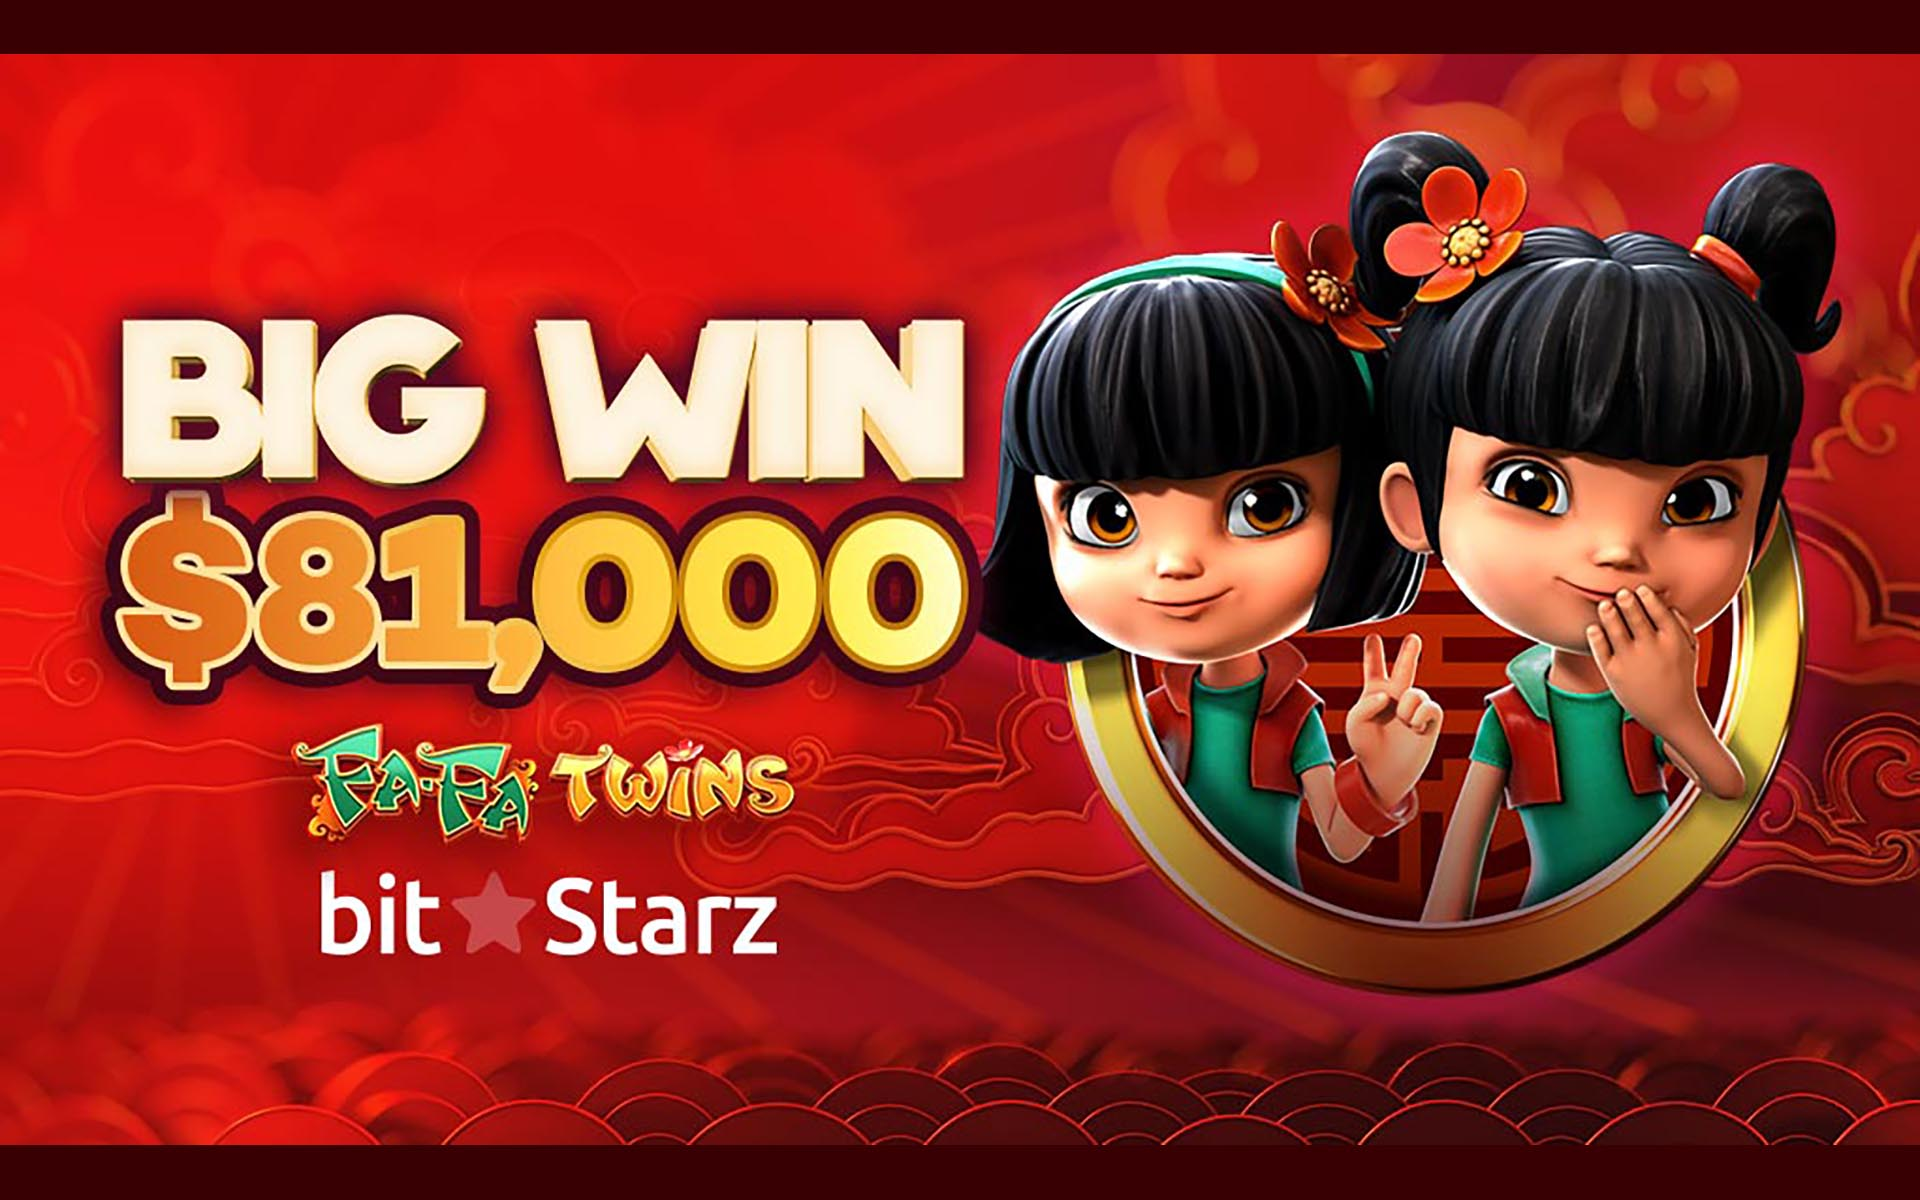 $81,000 Black Friday Win on FaFa Twins at BitStarz!